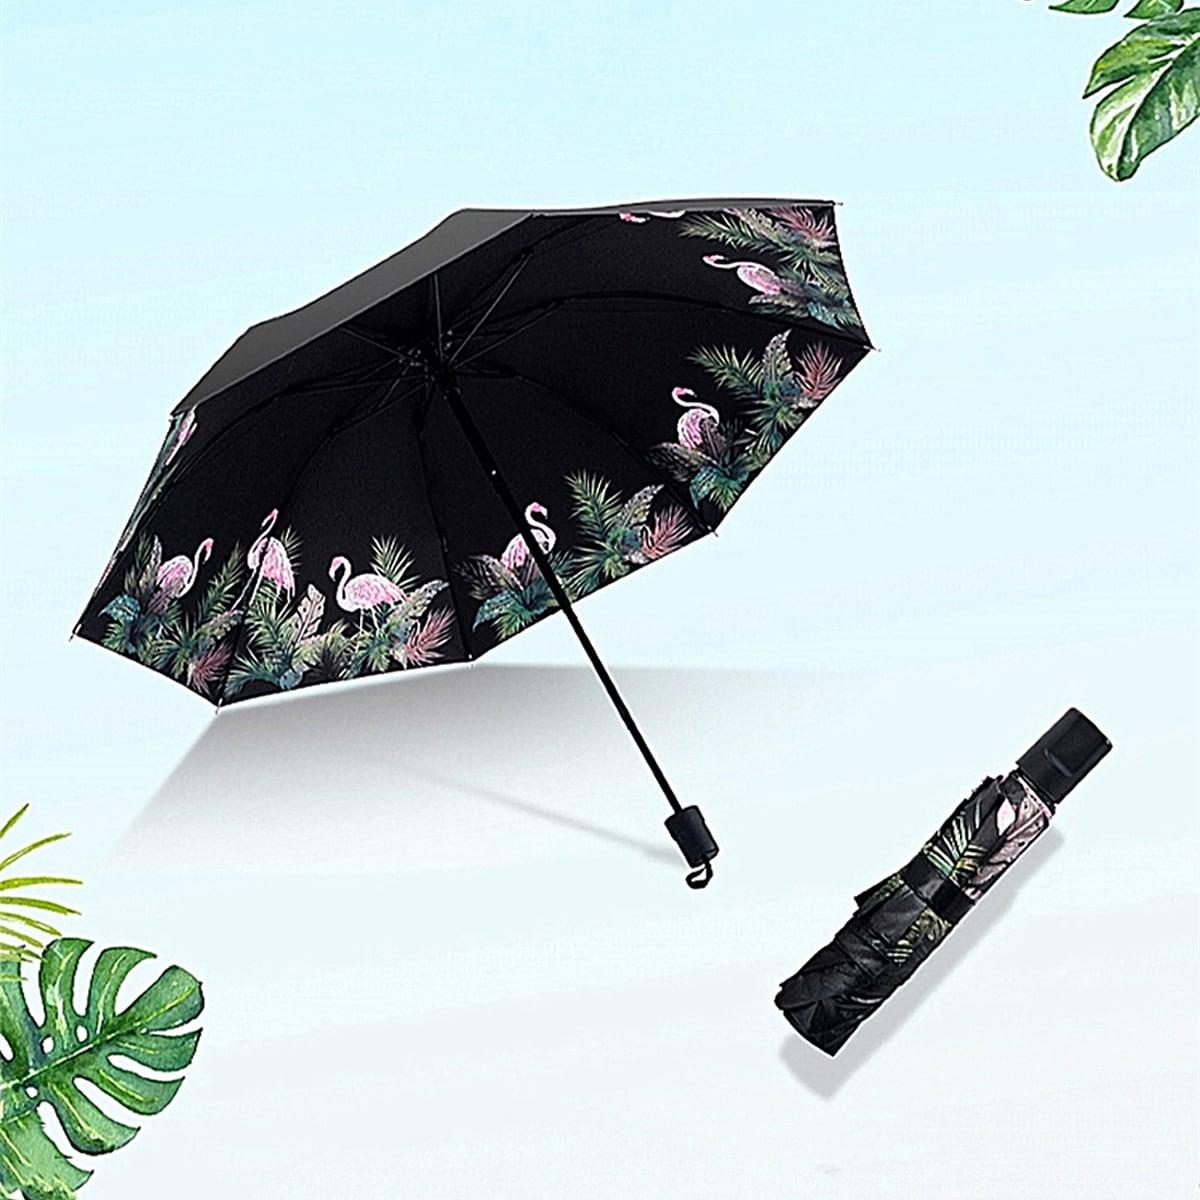 Солнцезащитный зонт с принтом фламинго